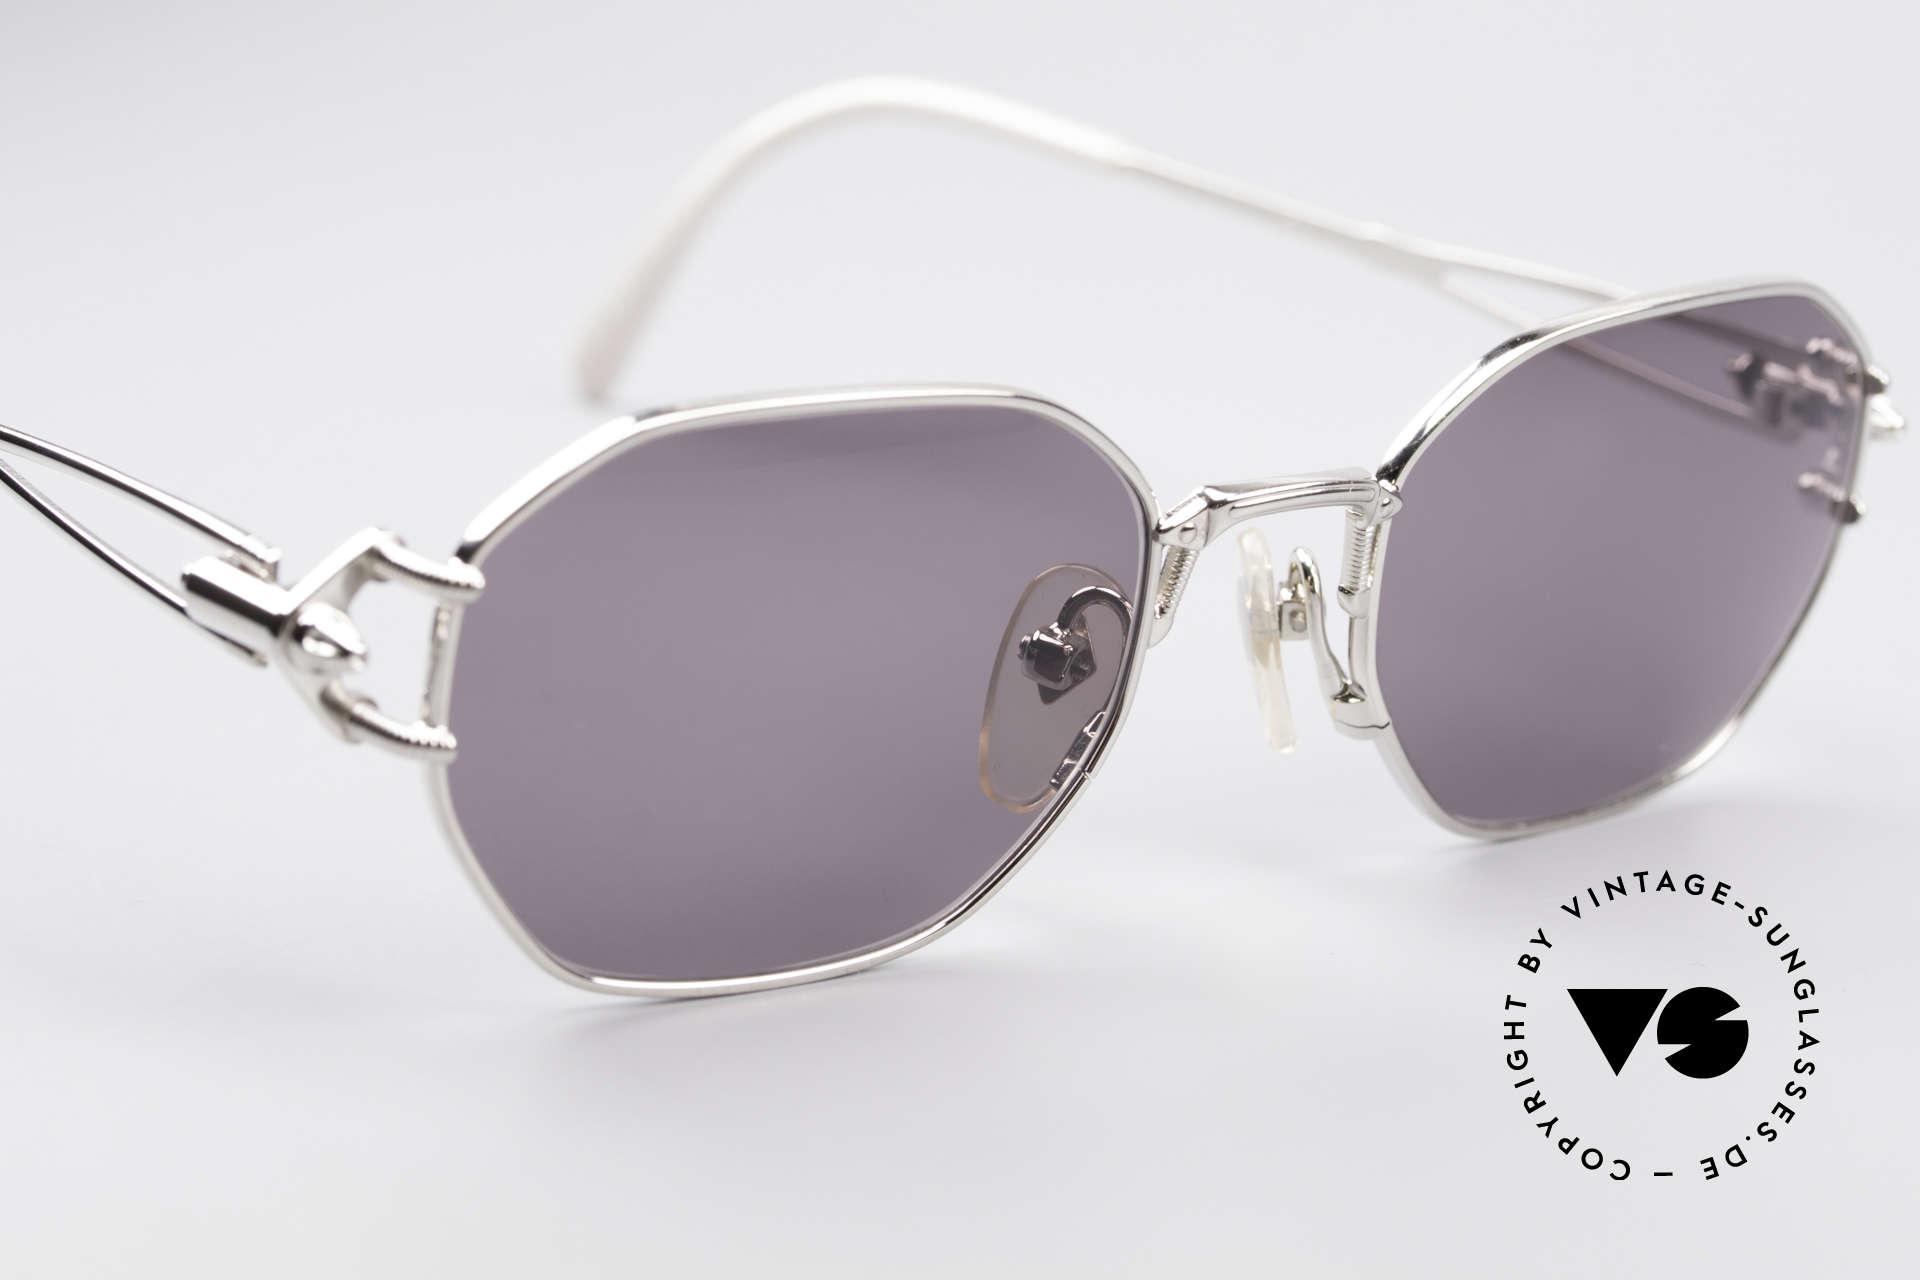 Jean Paul Gaultier 55-6106 90er Vintage Sonnenbrille, nie getragen (wie alle unsere alten JPG Sonnenbrillen), Passend für Herren und Damen